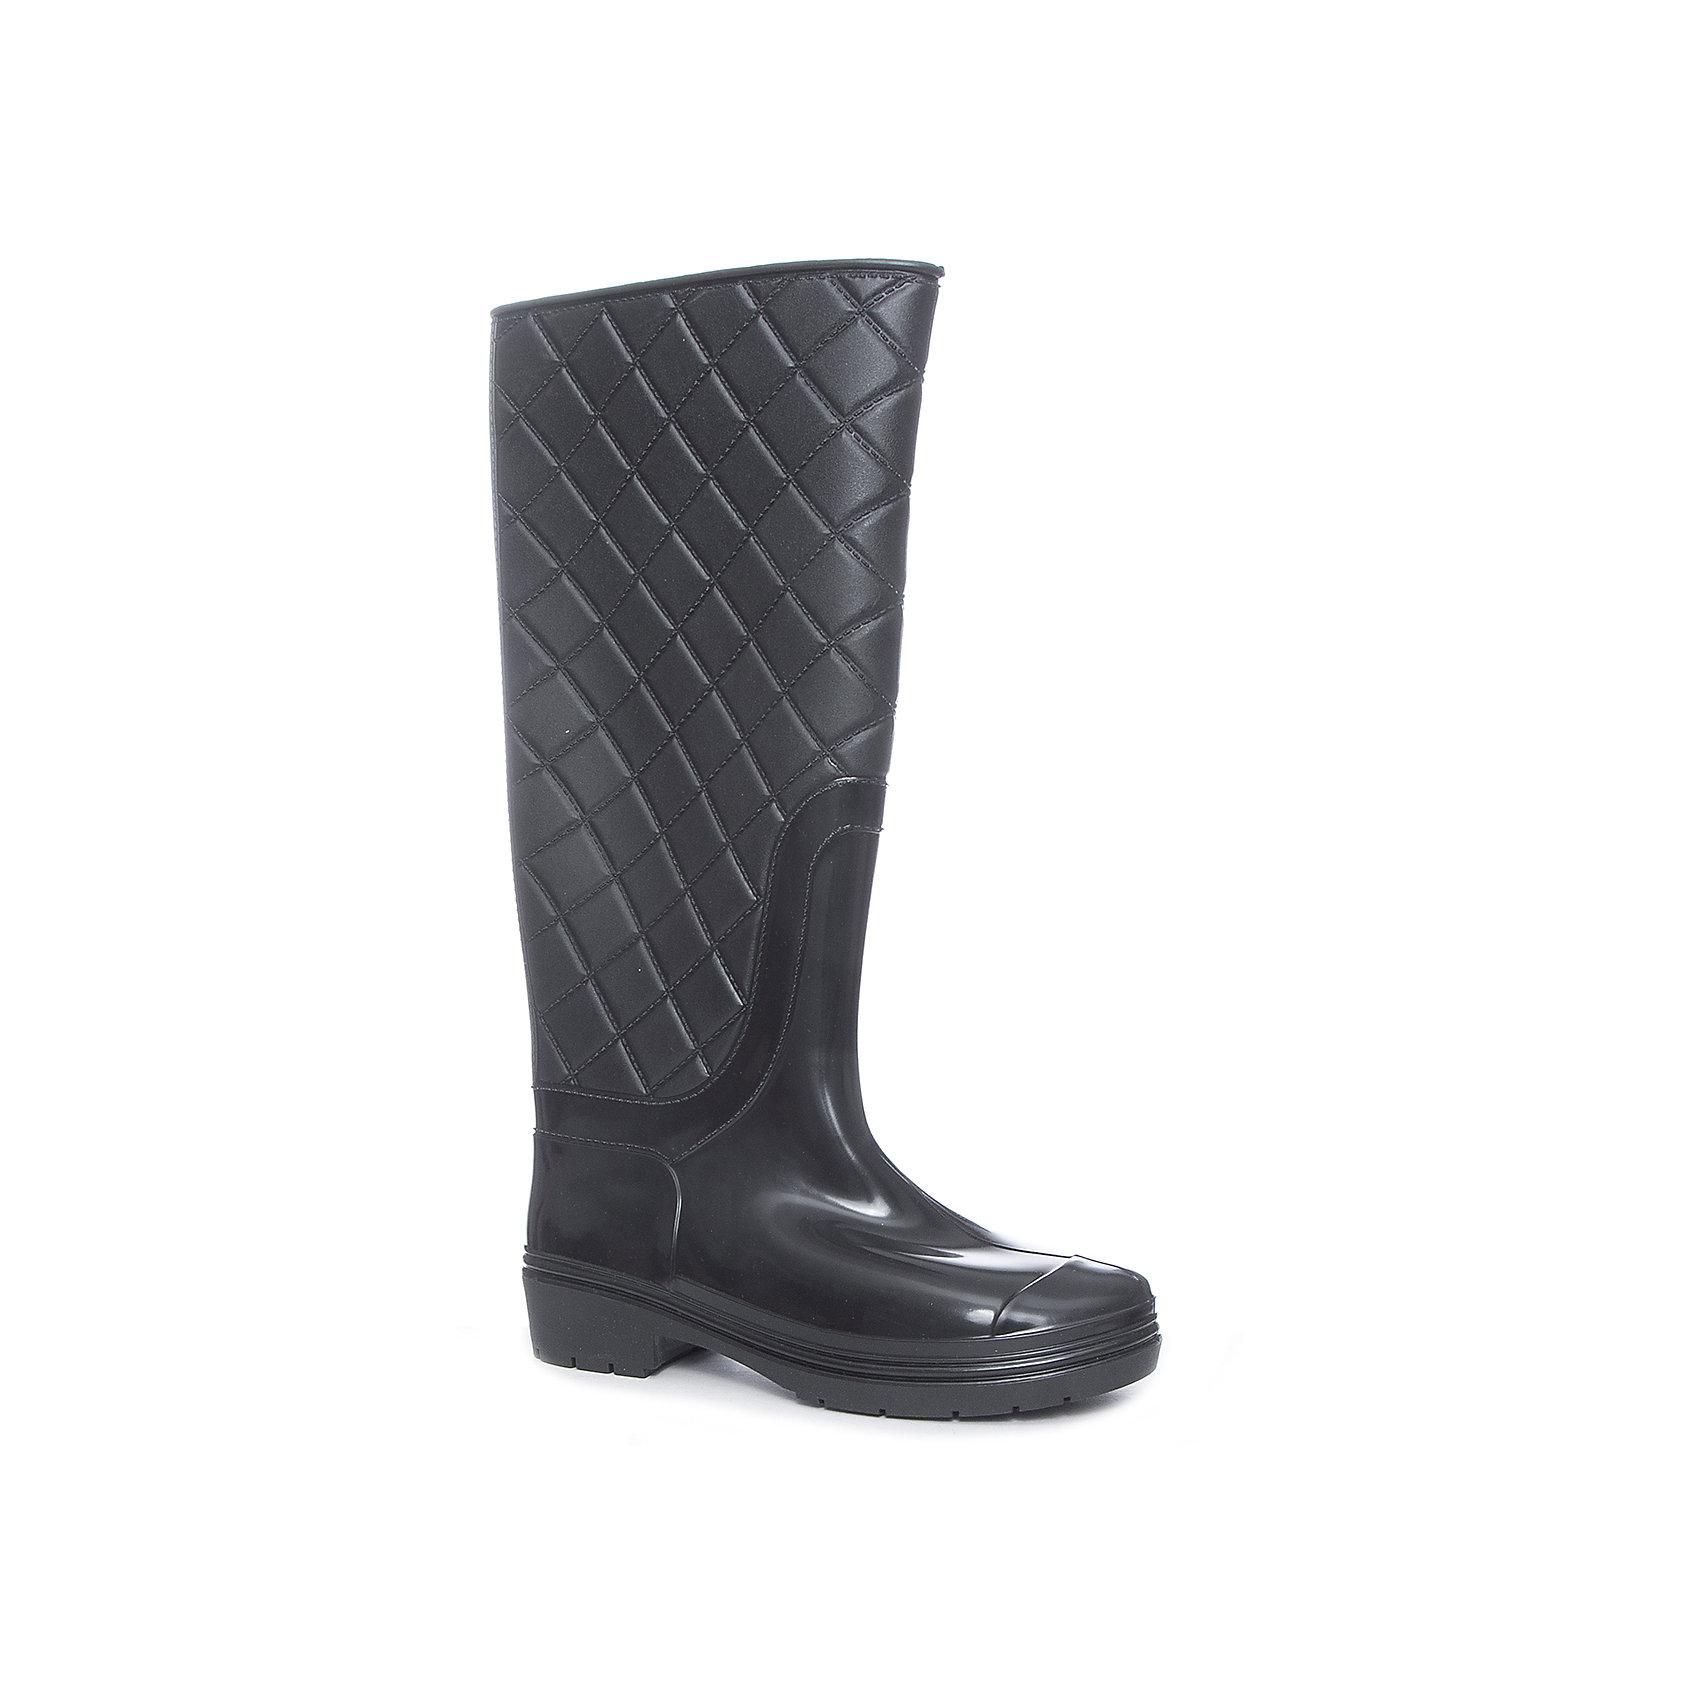 Резиновые сапоги для девочки ScoolРезиновые сапоги<br>Сапоги для девочки Scool<br>Резиновые сапоги прекрасно подойдут для прогулок в дождливую погоду. Сапоги на утолщенной рифленой подошве. Модель на небольшом устойчивом каблуке. Мягкая подкладка обеспечит комфорт ногам.Преимущества: Модель на небольшом каблукеВысокая рифленая подошваМодель на мягкой подкладке<br>Состав:<br>Верх:100%поливинилхлорид;Подкладка:100%нейлон;Подошва:100%поливинилхлорид<br><br>Ширина мм: 257<br>Глубина мм: 180<br>Высота мм: 130<br>Вес г: 420<br>Цвет: черный<br>Возраст от месяцев: 144<br>Возраст до месяцев: 156<br>Пол: Женский<br>Возраст: Детский<br>Размер: 36,40,39,38,37<br>SKU: 5407161